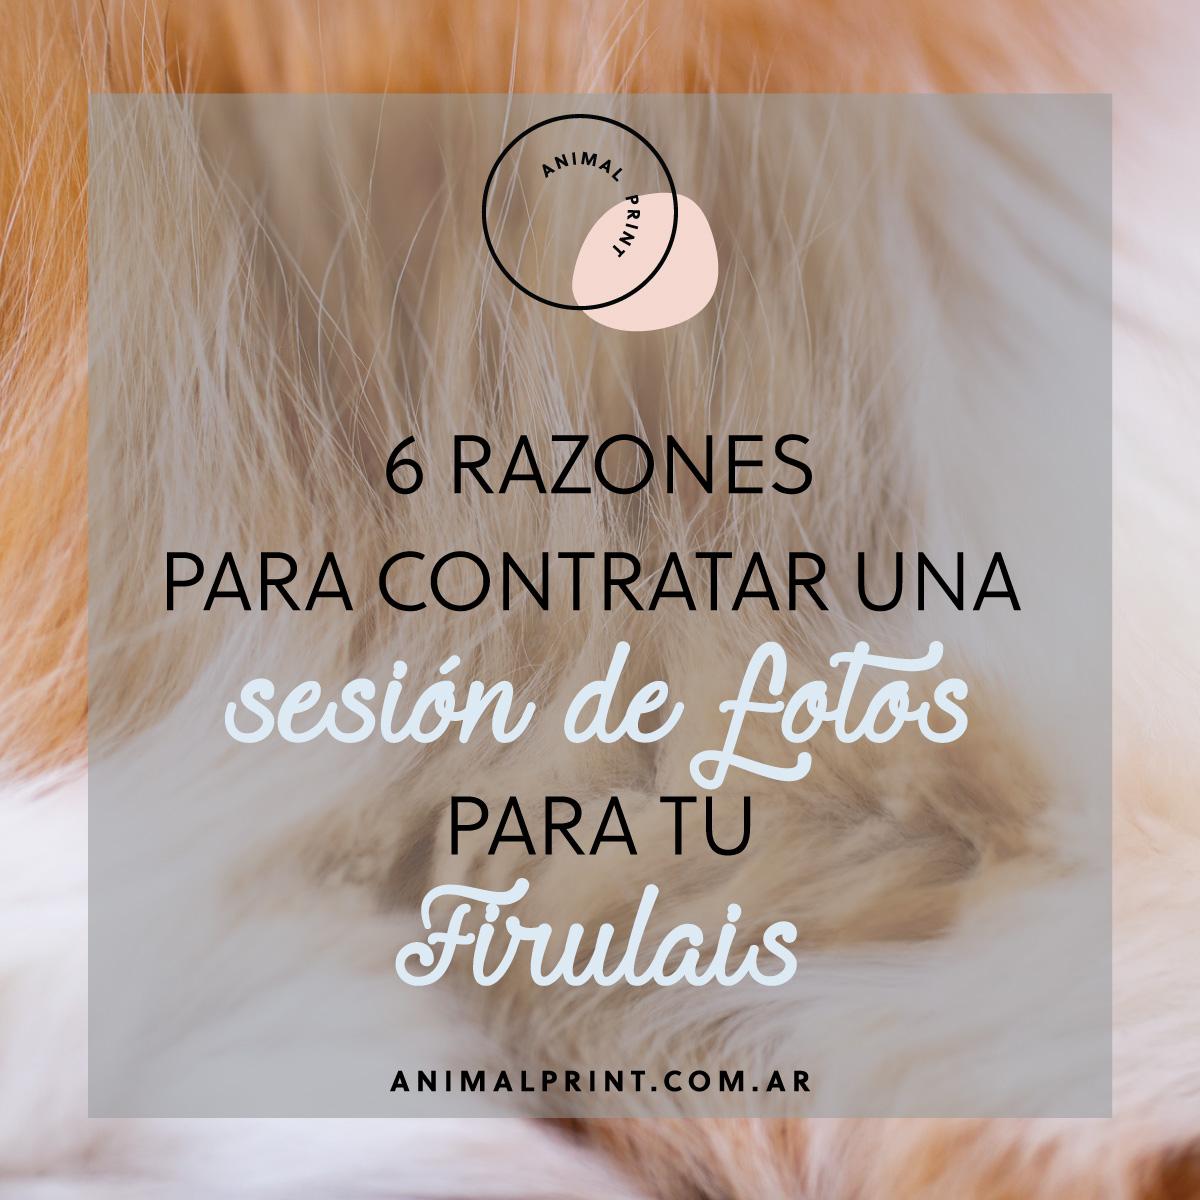 6-razones-para-contratar-una-sesion-de-fotos-para-tu-mascota_animal-print-foto